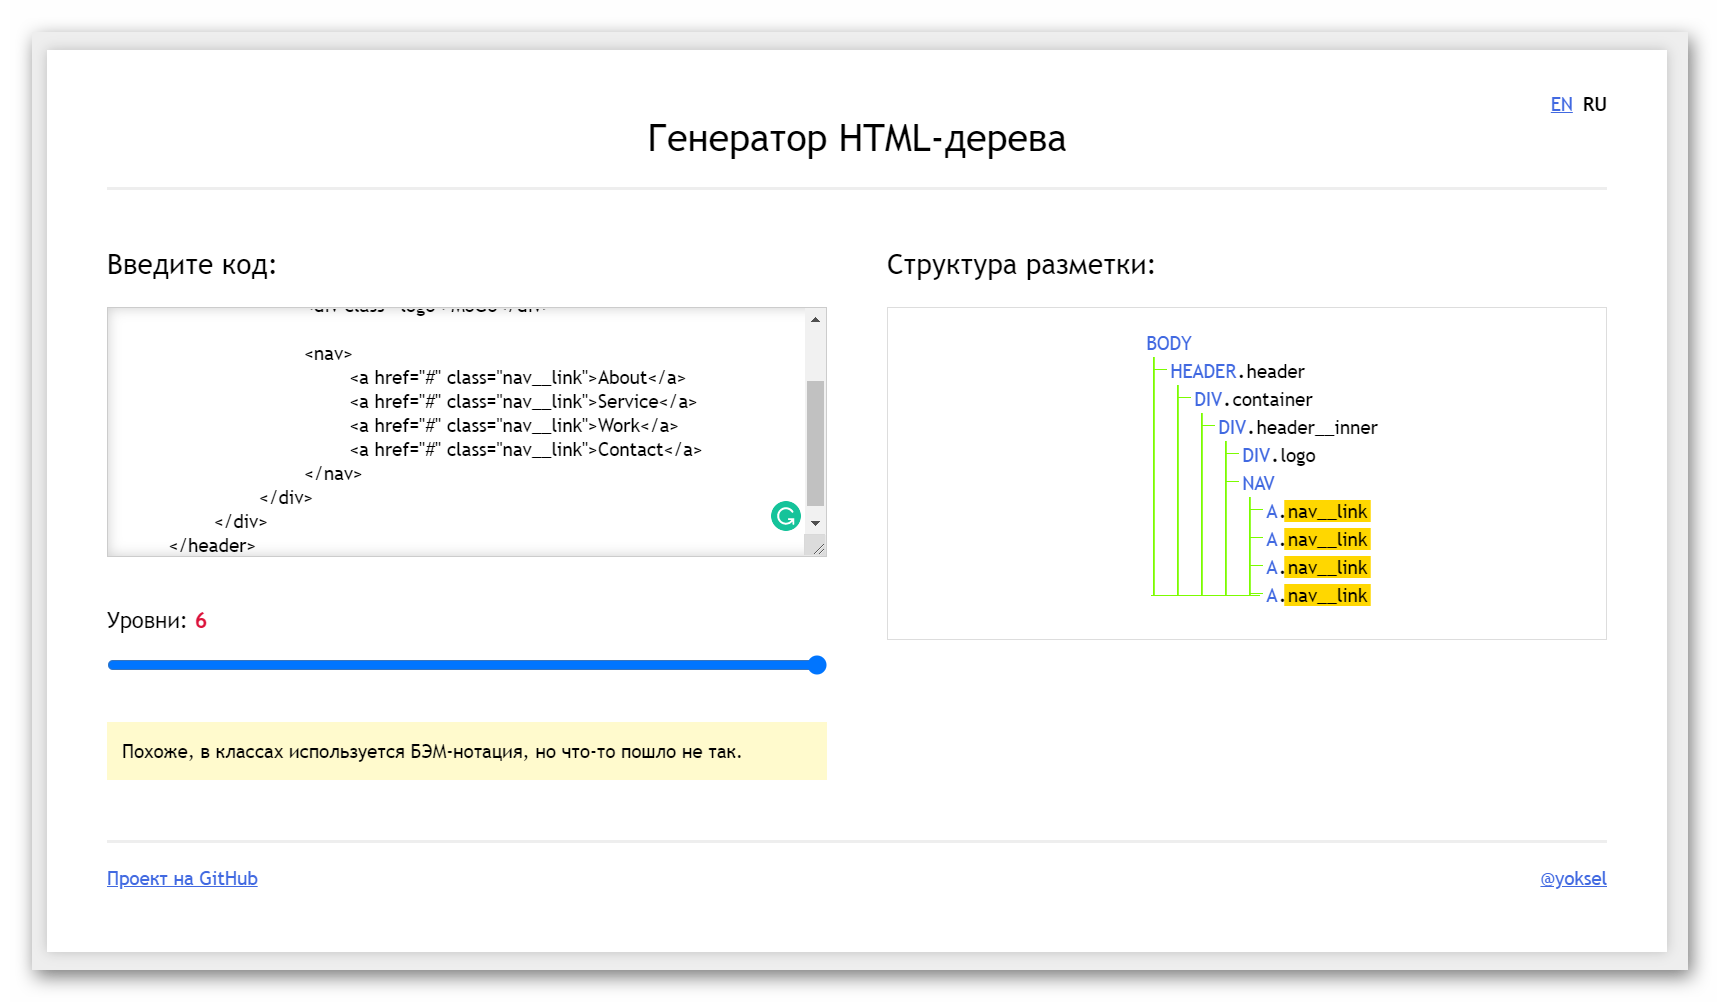 Результат генерации HTML-дерева